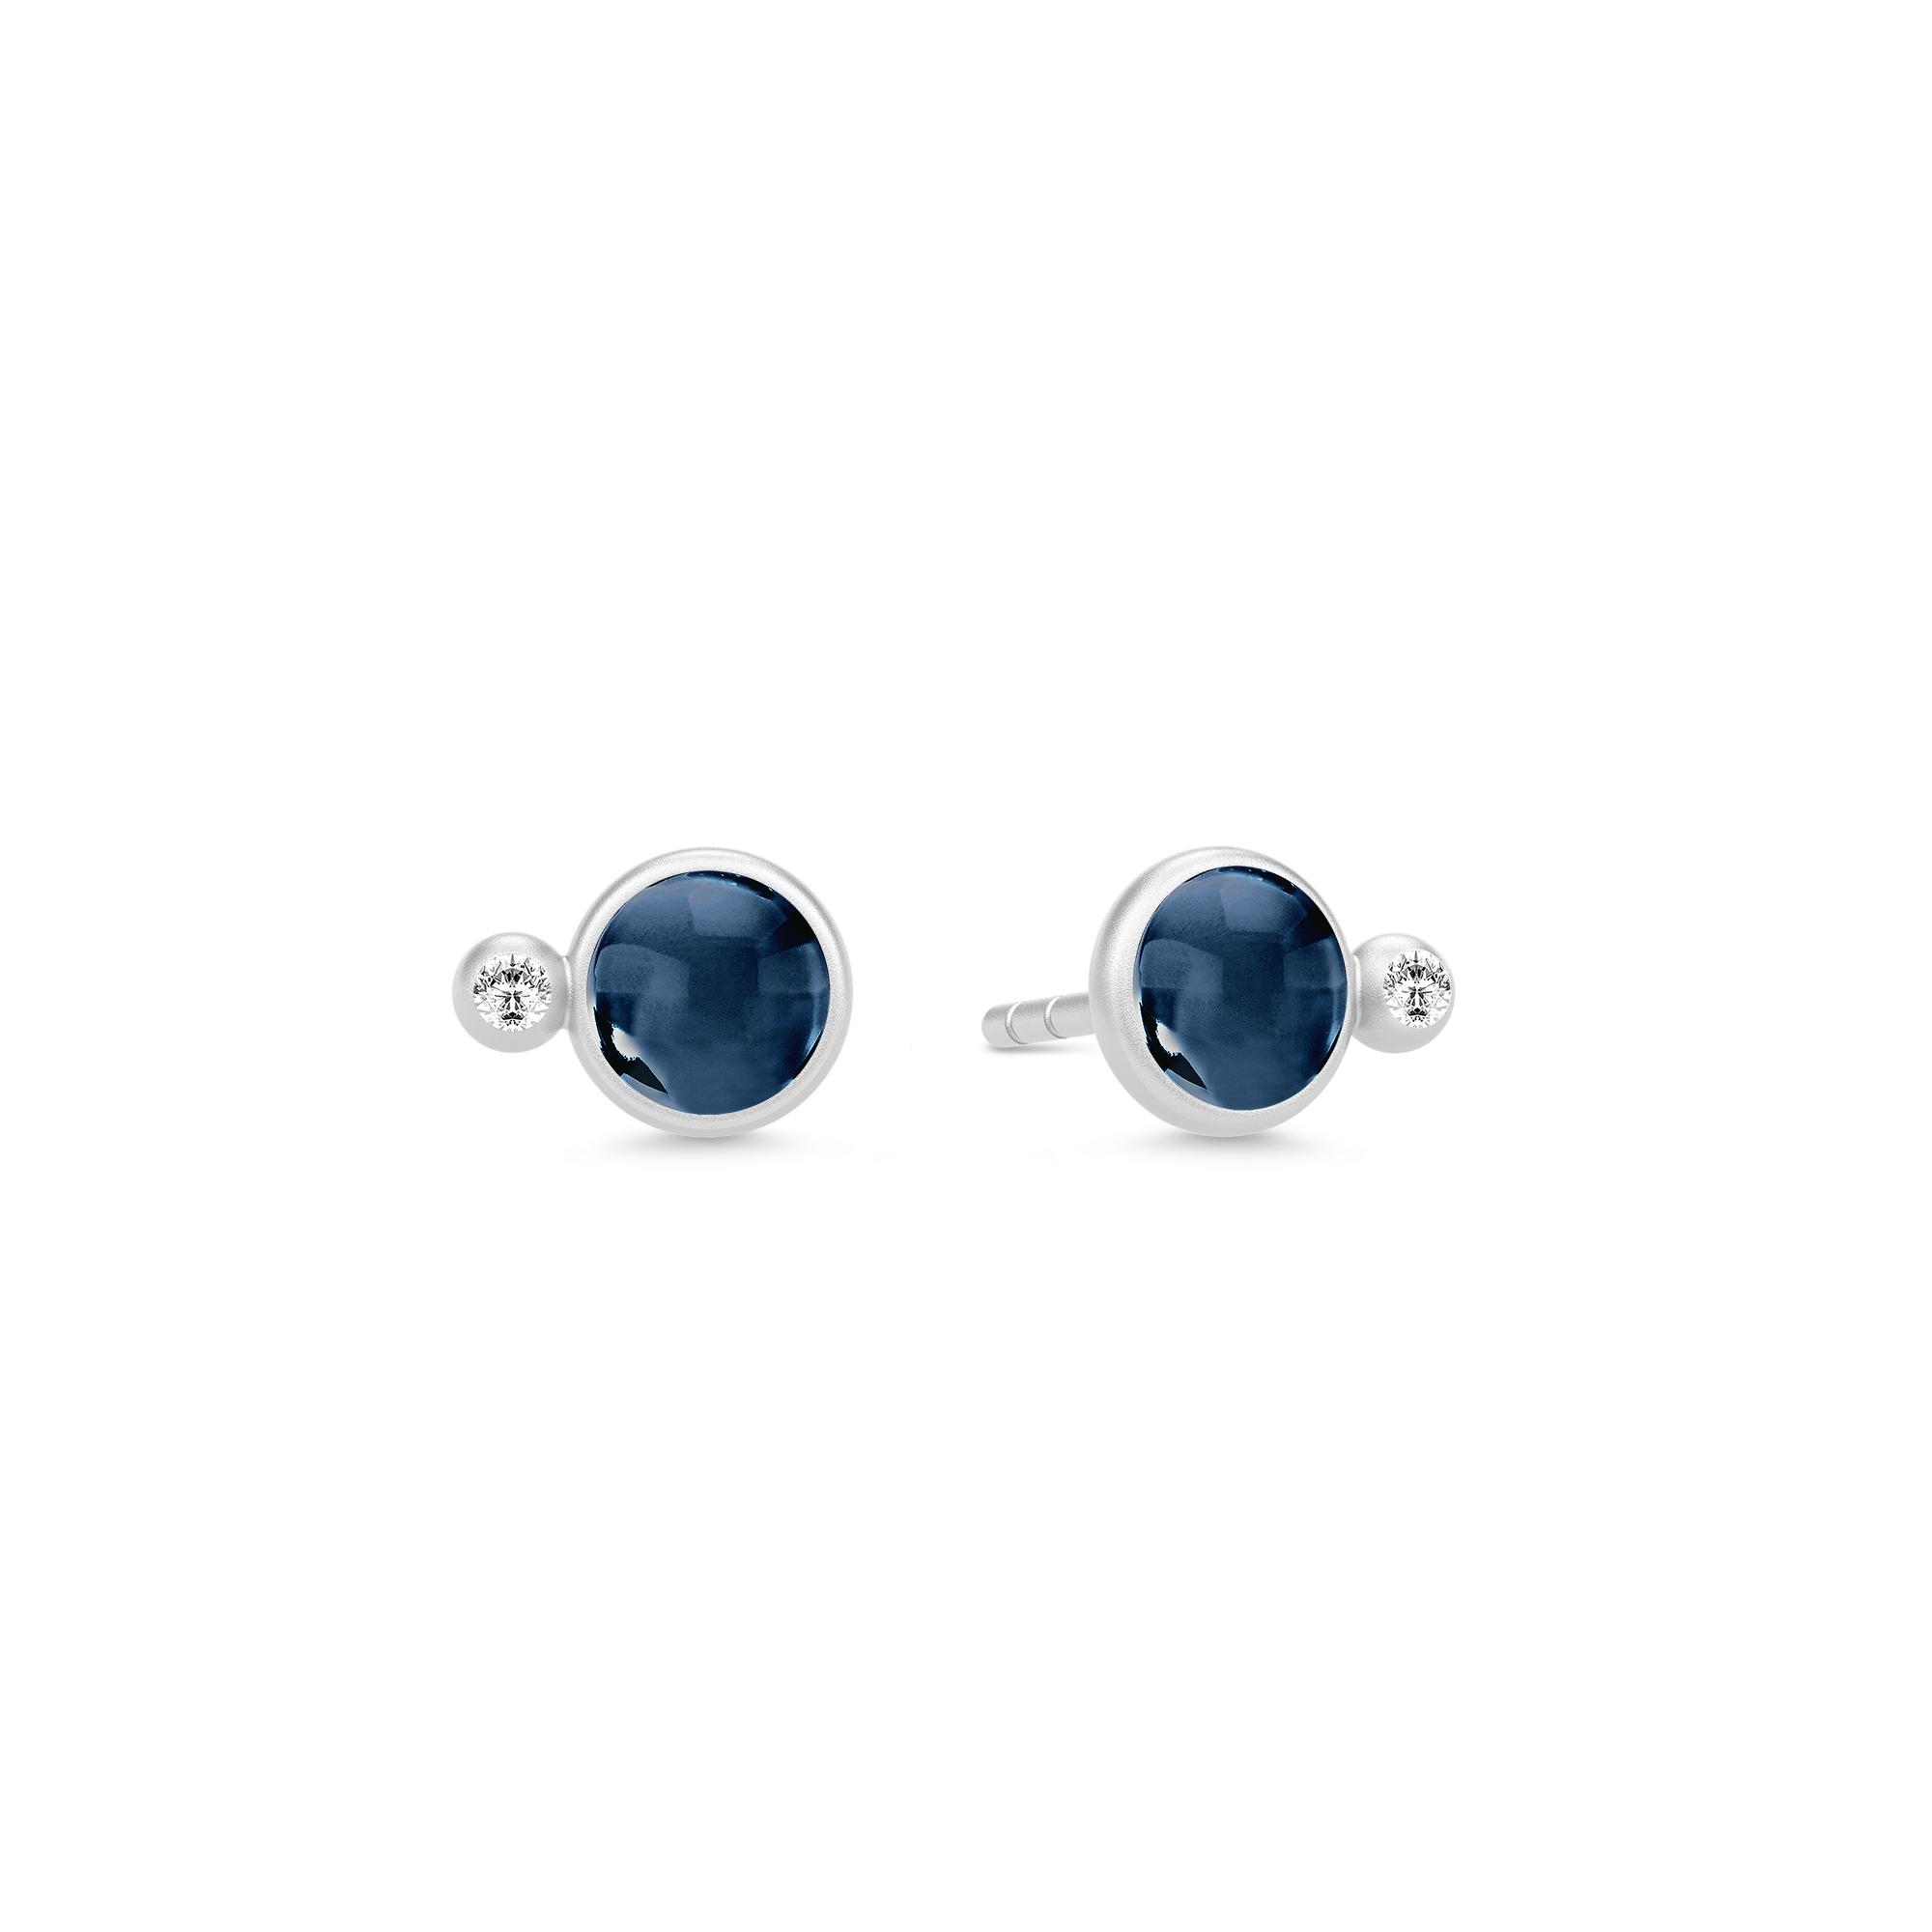 Billede af JulieSandlau Prime ørestikker i sølv med blå krystal og zirkon